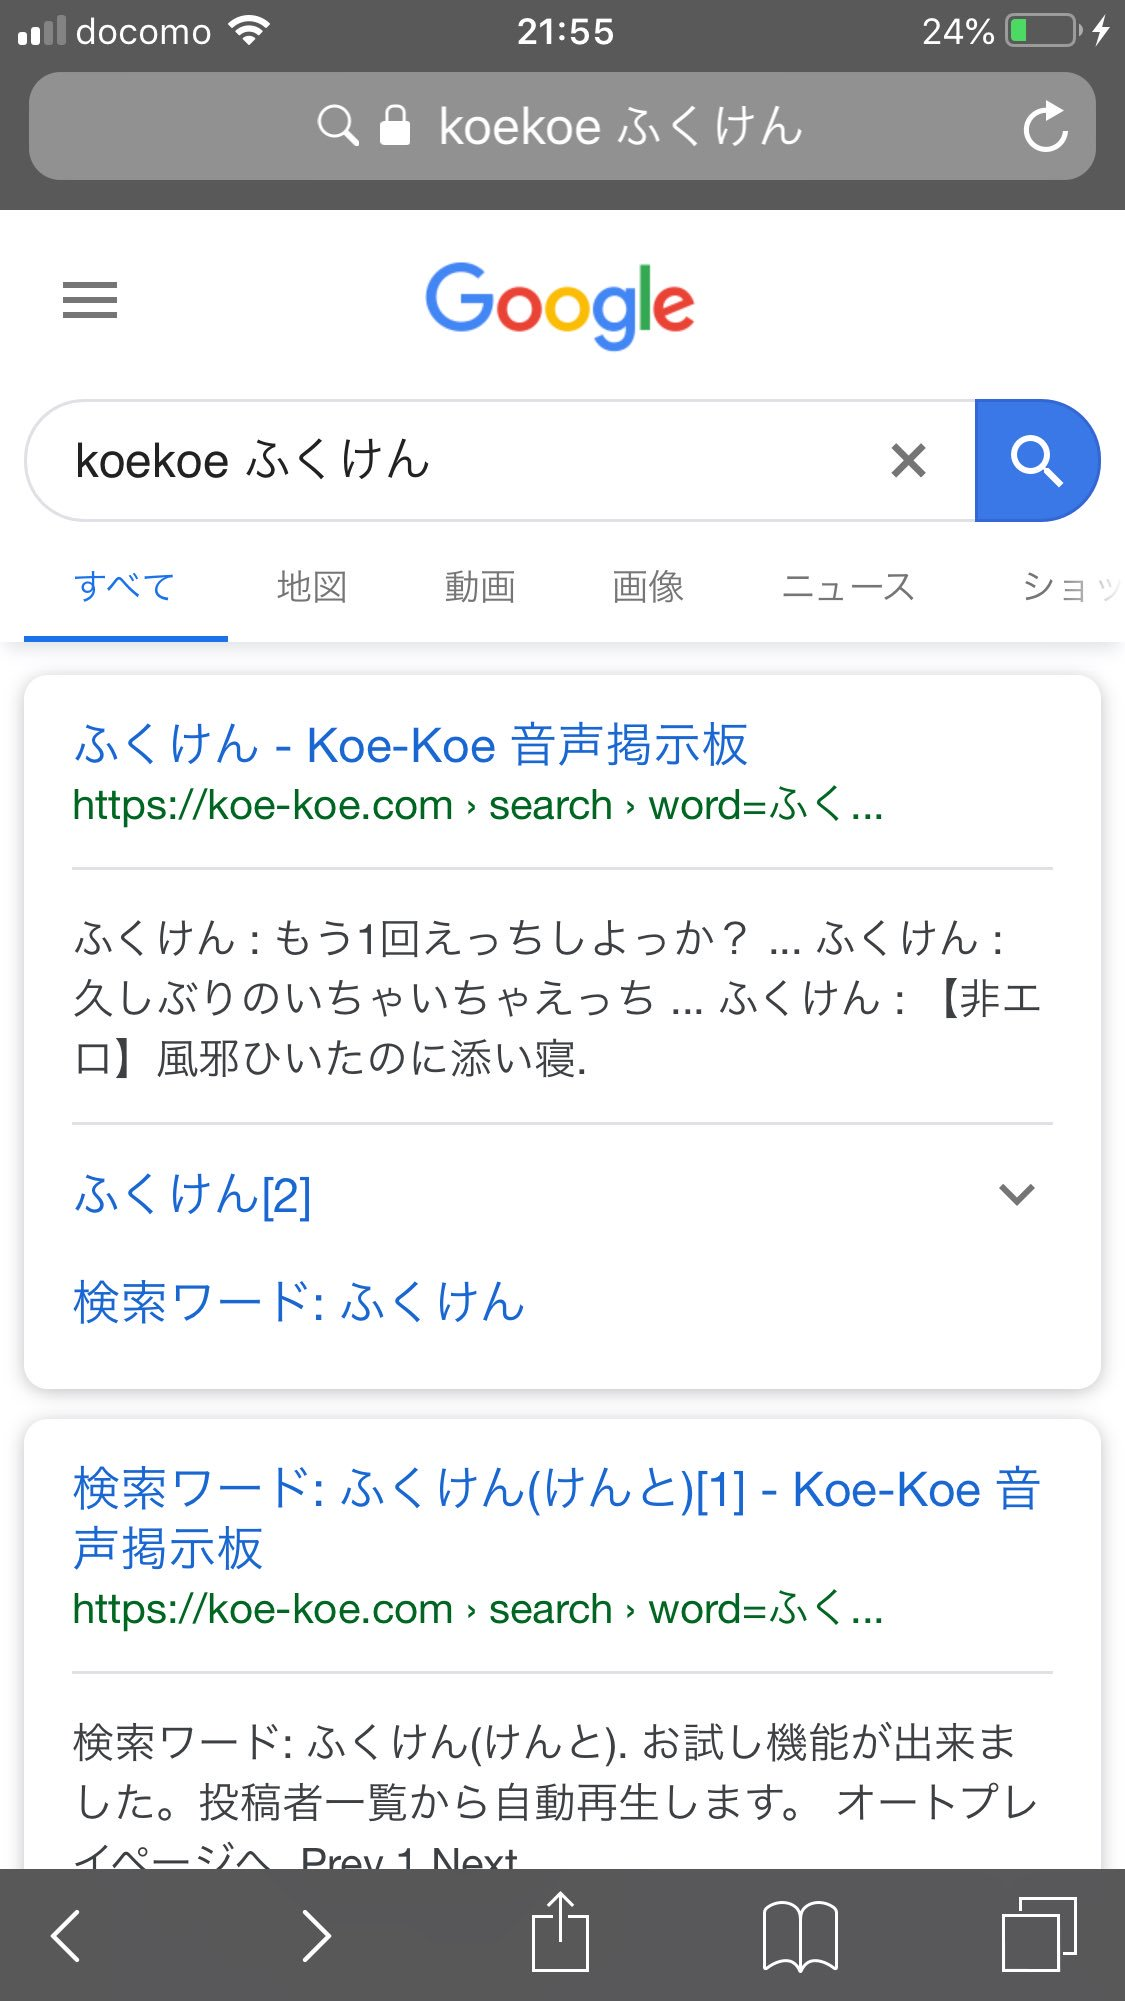 掲示板 koekoe 野外・露出プレイ掲示板まとめ5選in2020【すぐ会えるゾ❤】